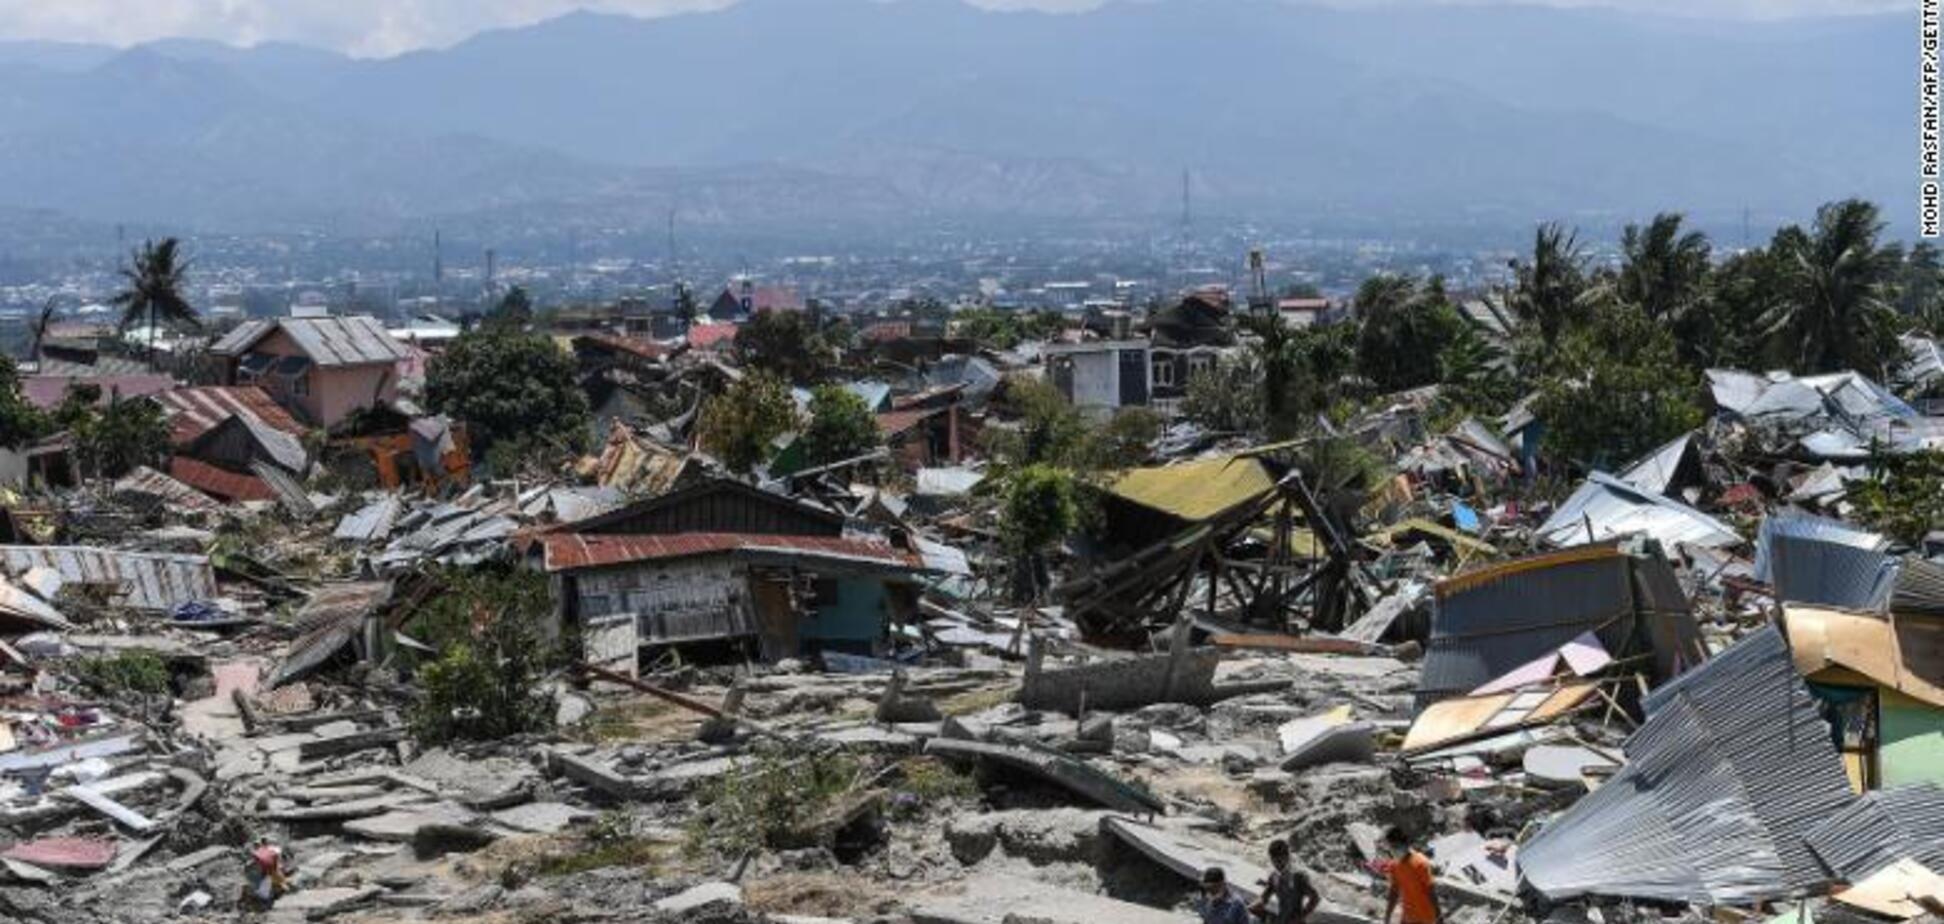 ''Індонезія для нас близька'': Порошенко закликав допомогти постраждалим від катаклізмів